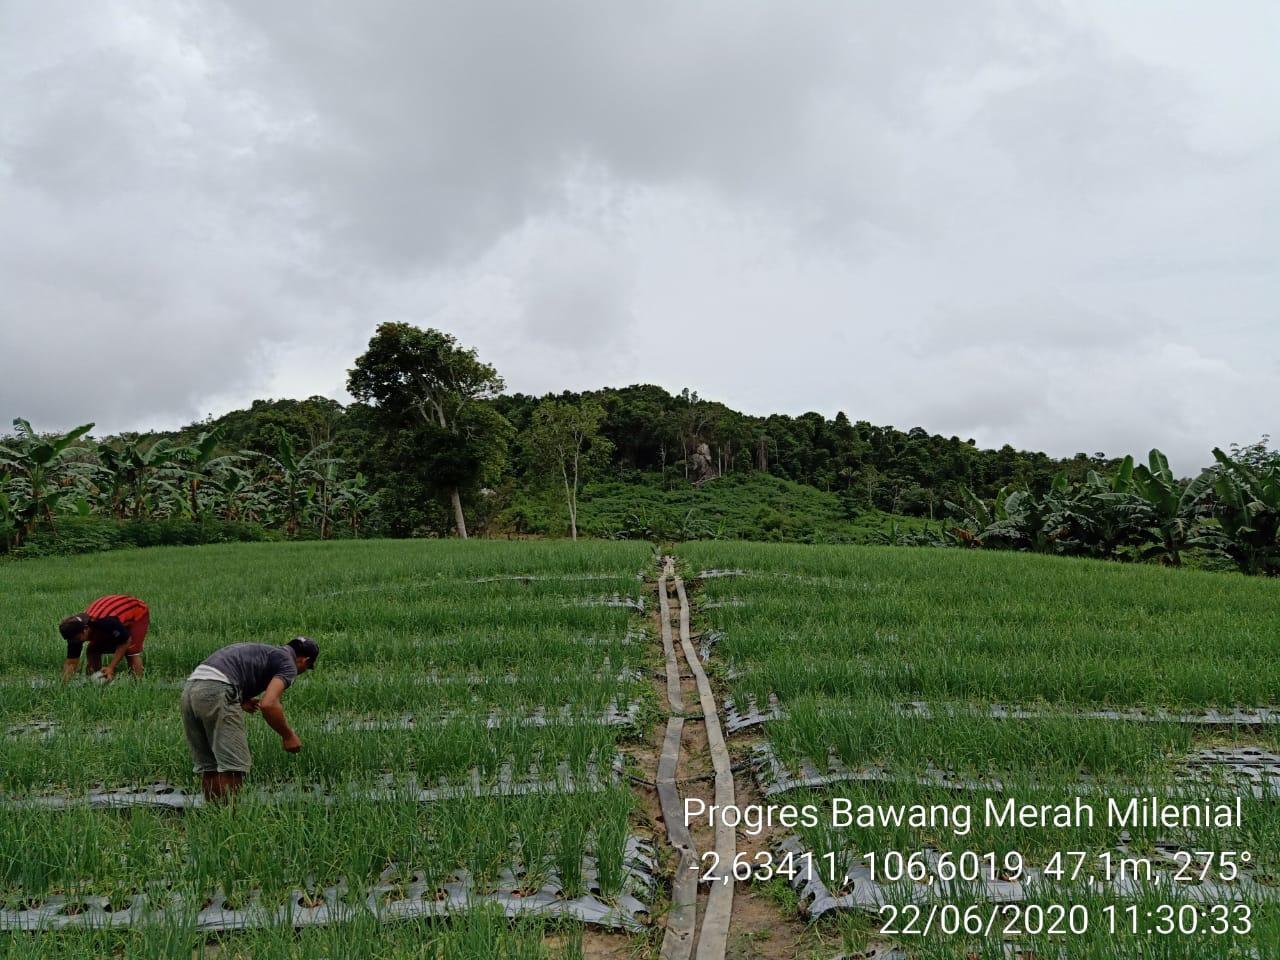 Wujudkan Desa Lubuk Pabrik Sebagai Sentra Holtikultura, Penyuluh Pertanian Bersama Pemdes Fokus Giat Pembinaan Poktan